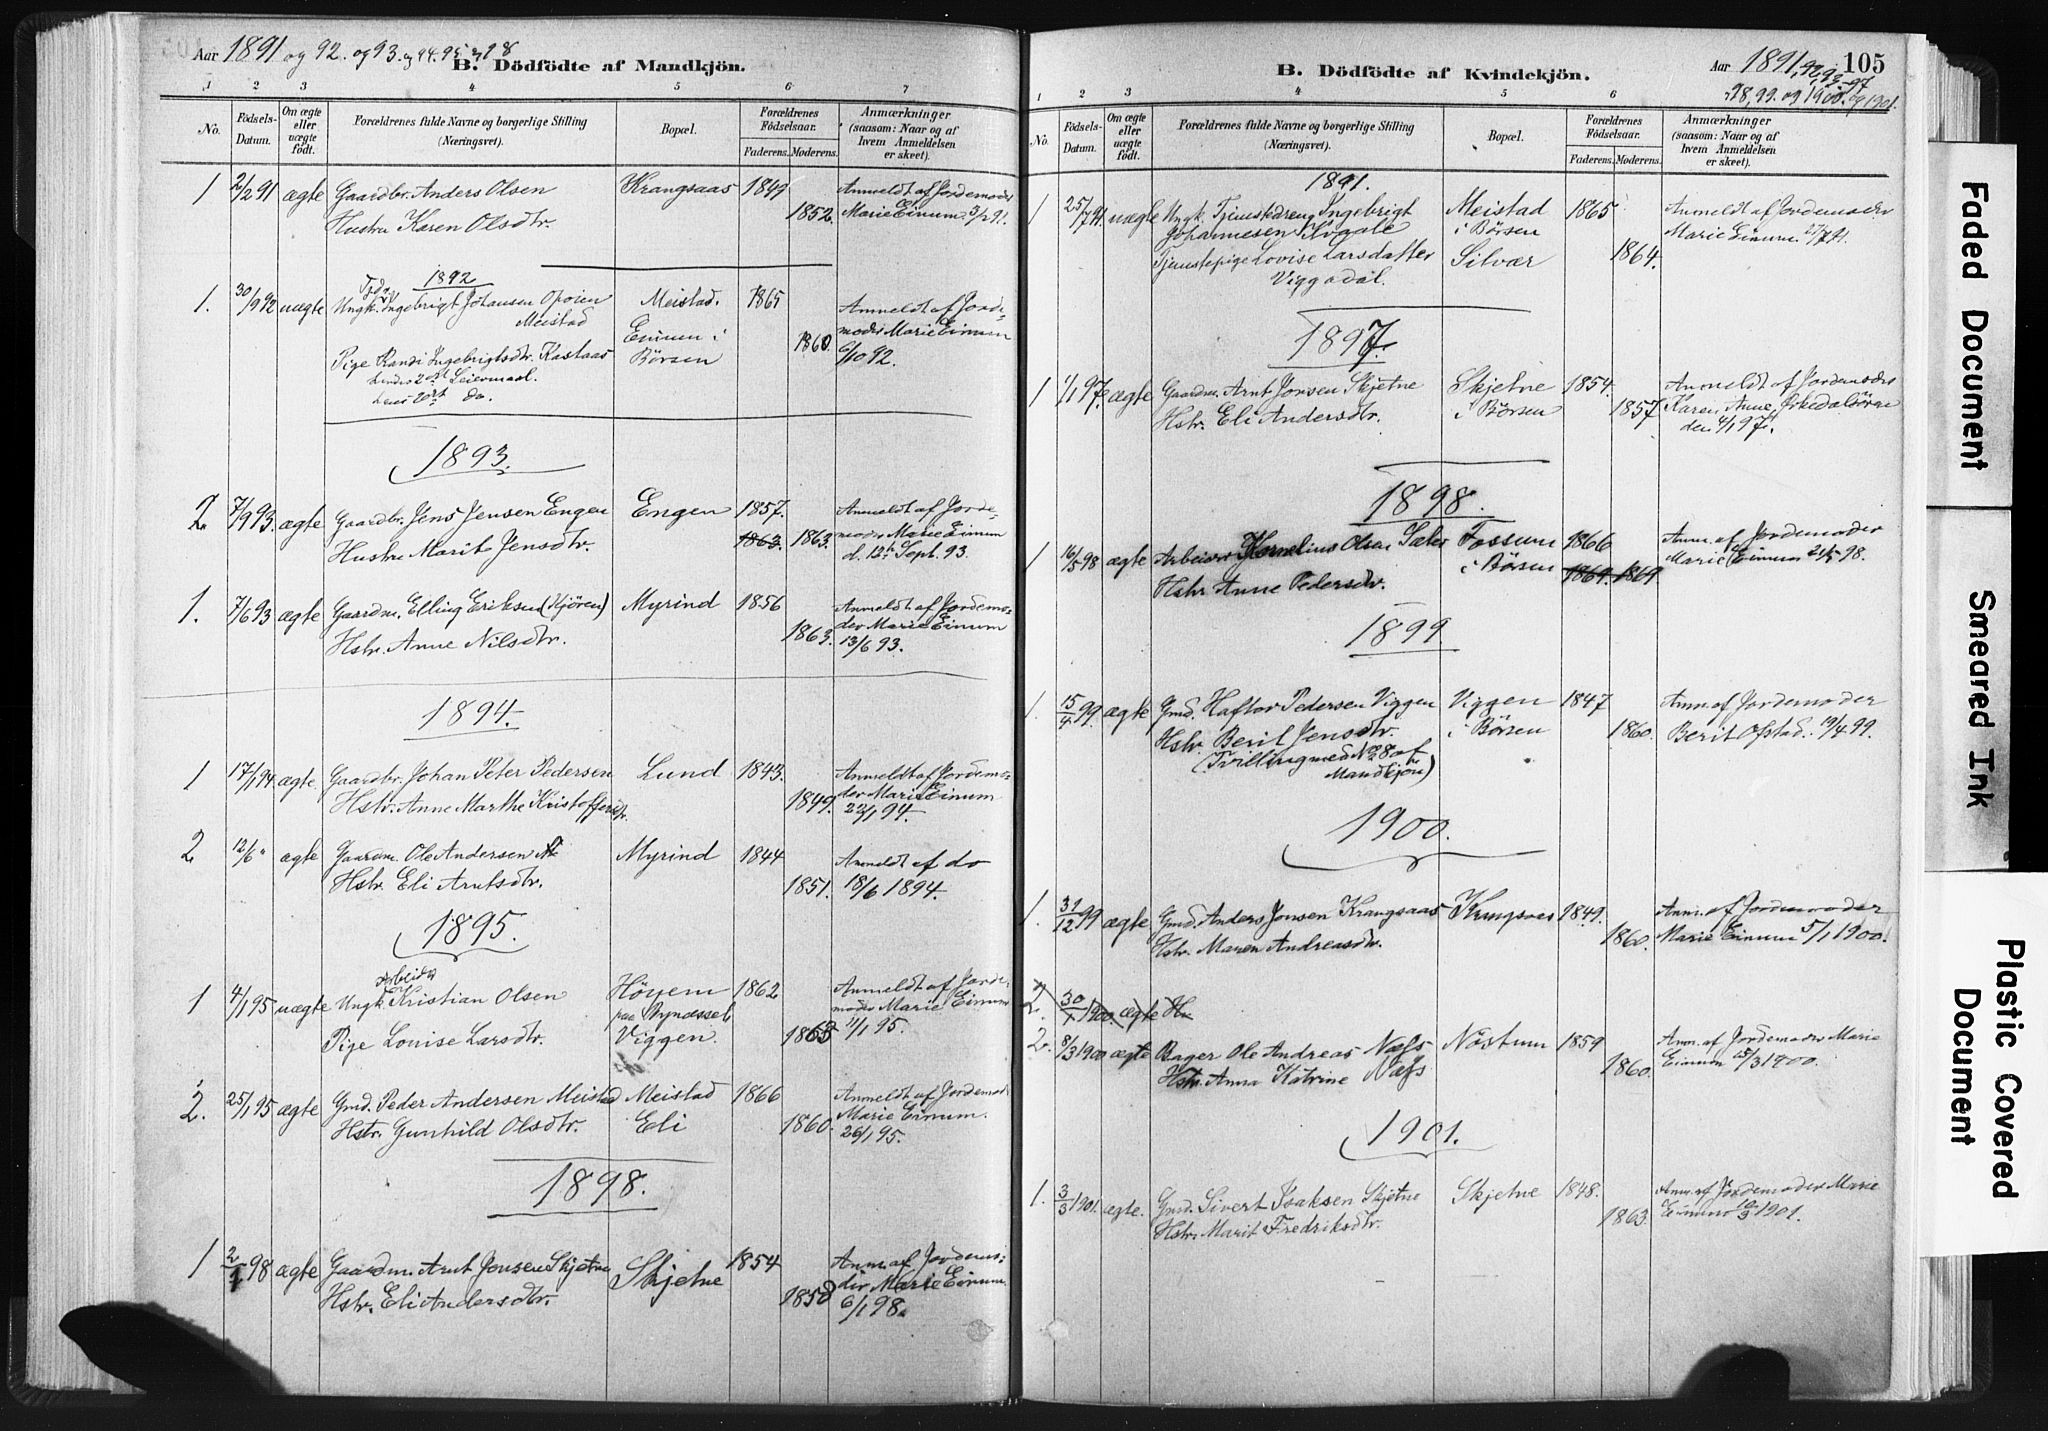 SAT, Ministerialprotokoller, klokkerbøker og fødselsregistre - Sør-Trøndelag, 665/L0773: Ministerialbok nr. 665A08, 1879-1905, s. 105